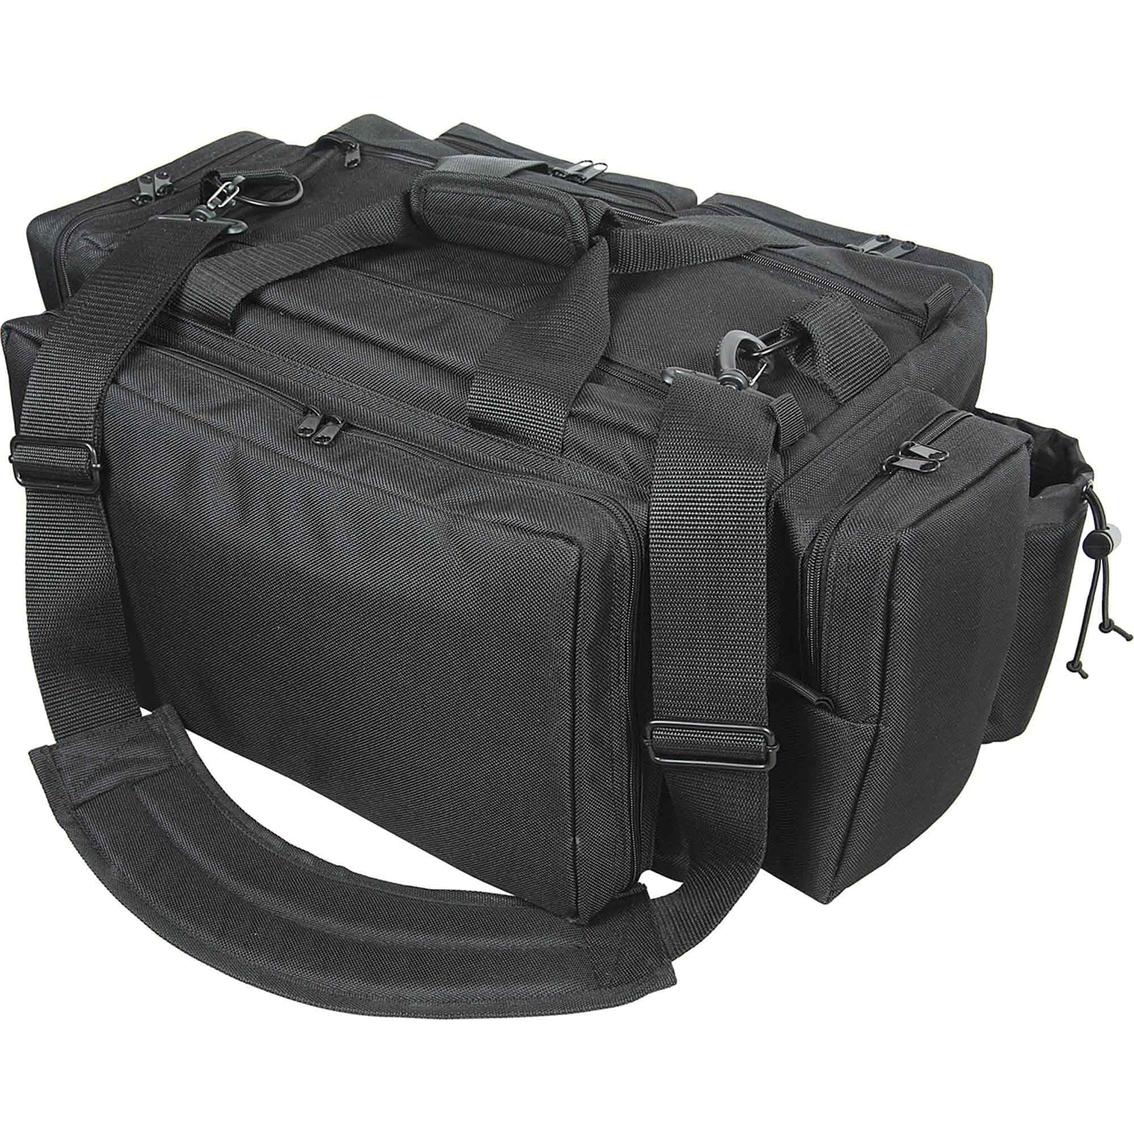 Allen Master Tactical Range Bag 18 X 9 In